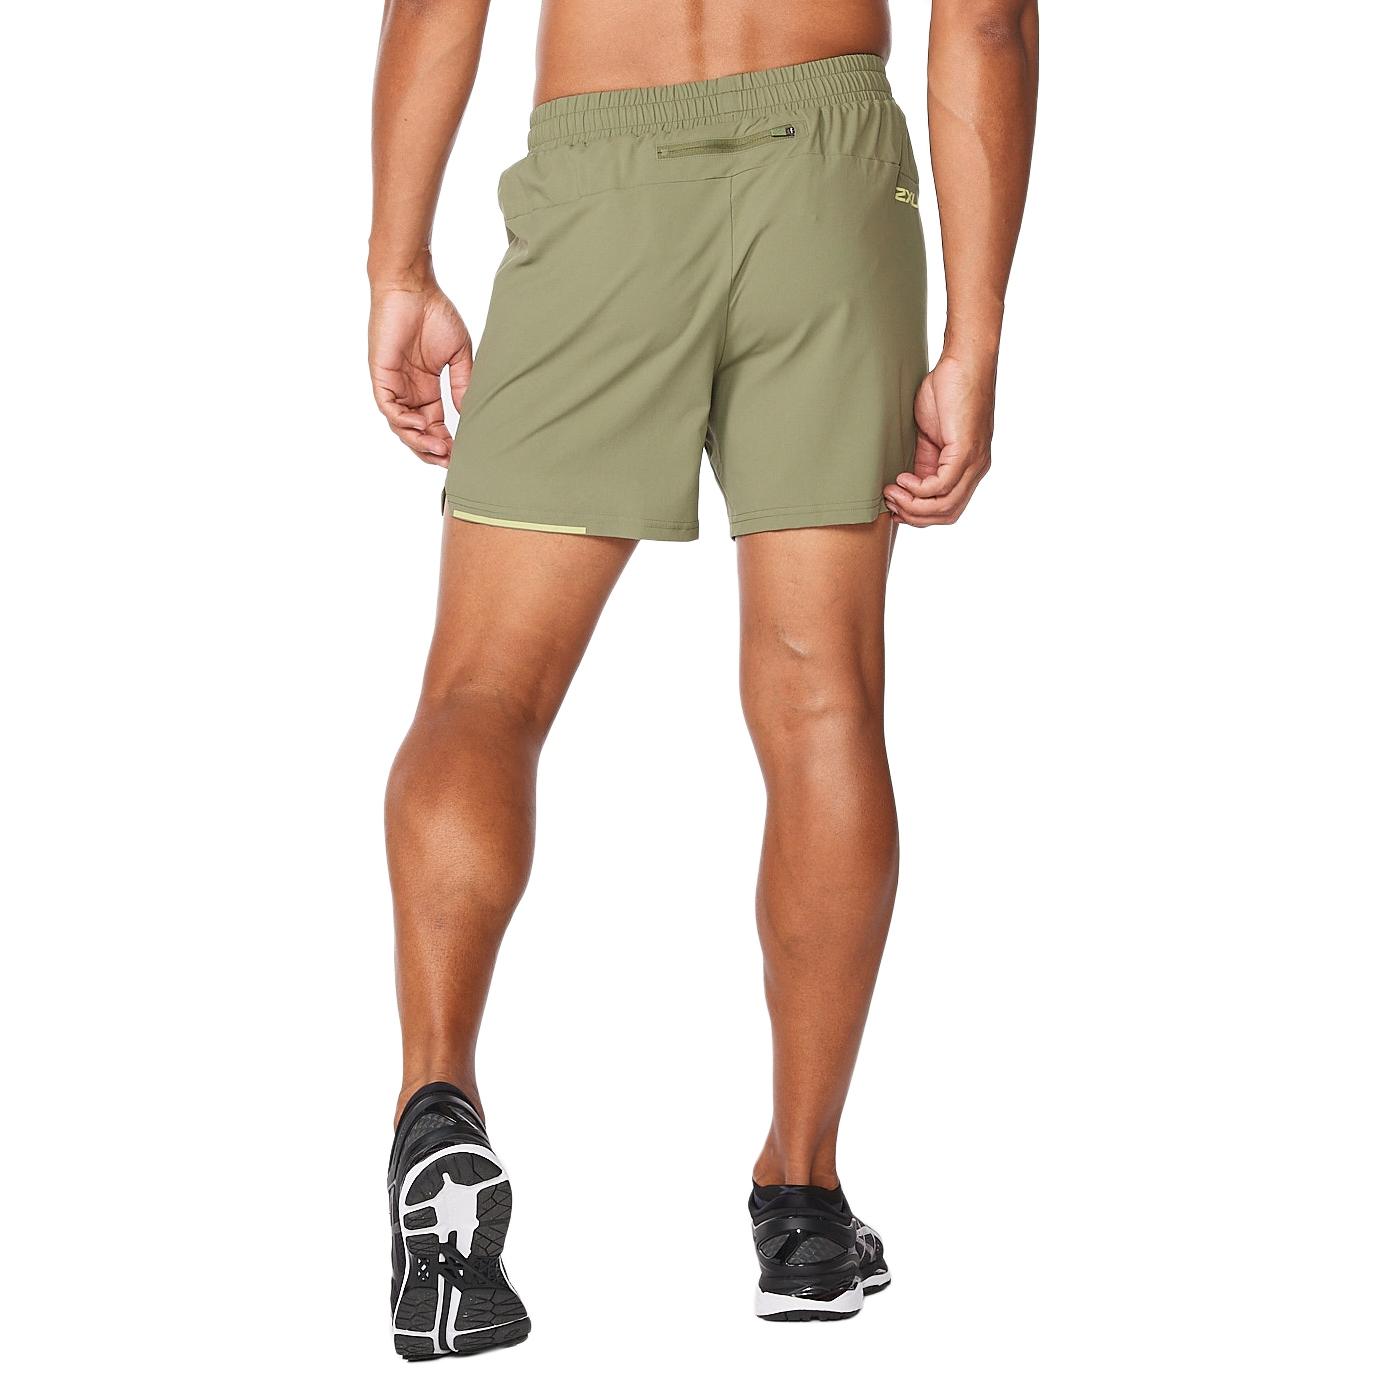 """Imagen de 2XU Aero 5"""" Pantalon corto de correr - alpine/kiwi reflective"""